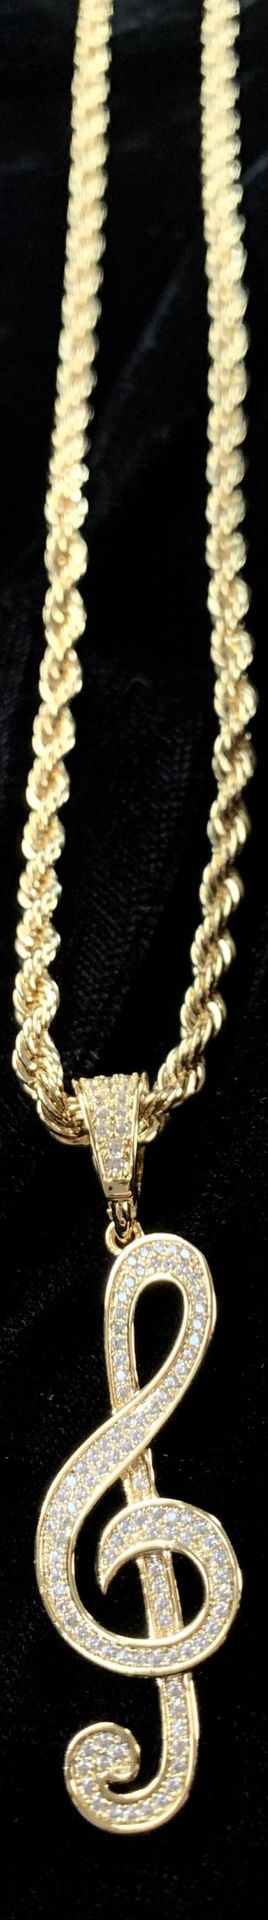 MUSIC NOTE FULL DIAMONDS CZ 18K GOLD CHAIN for Sale in Miami Beach, FL